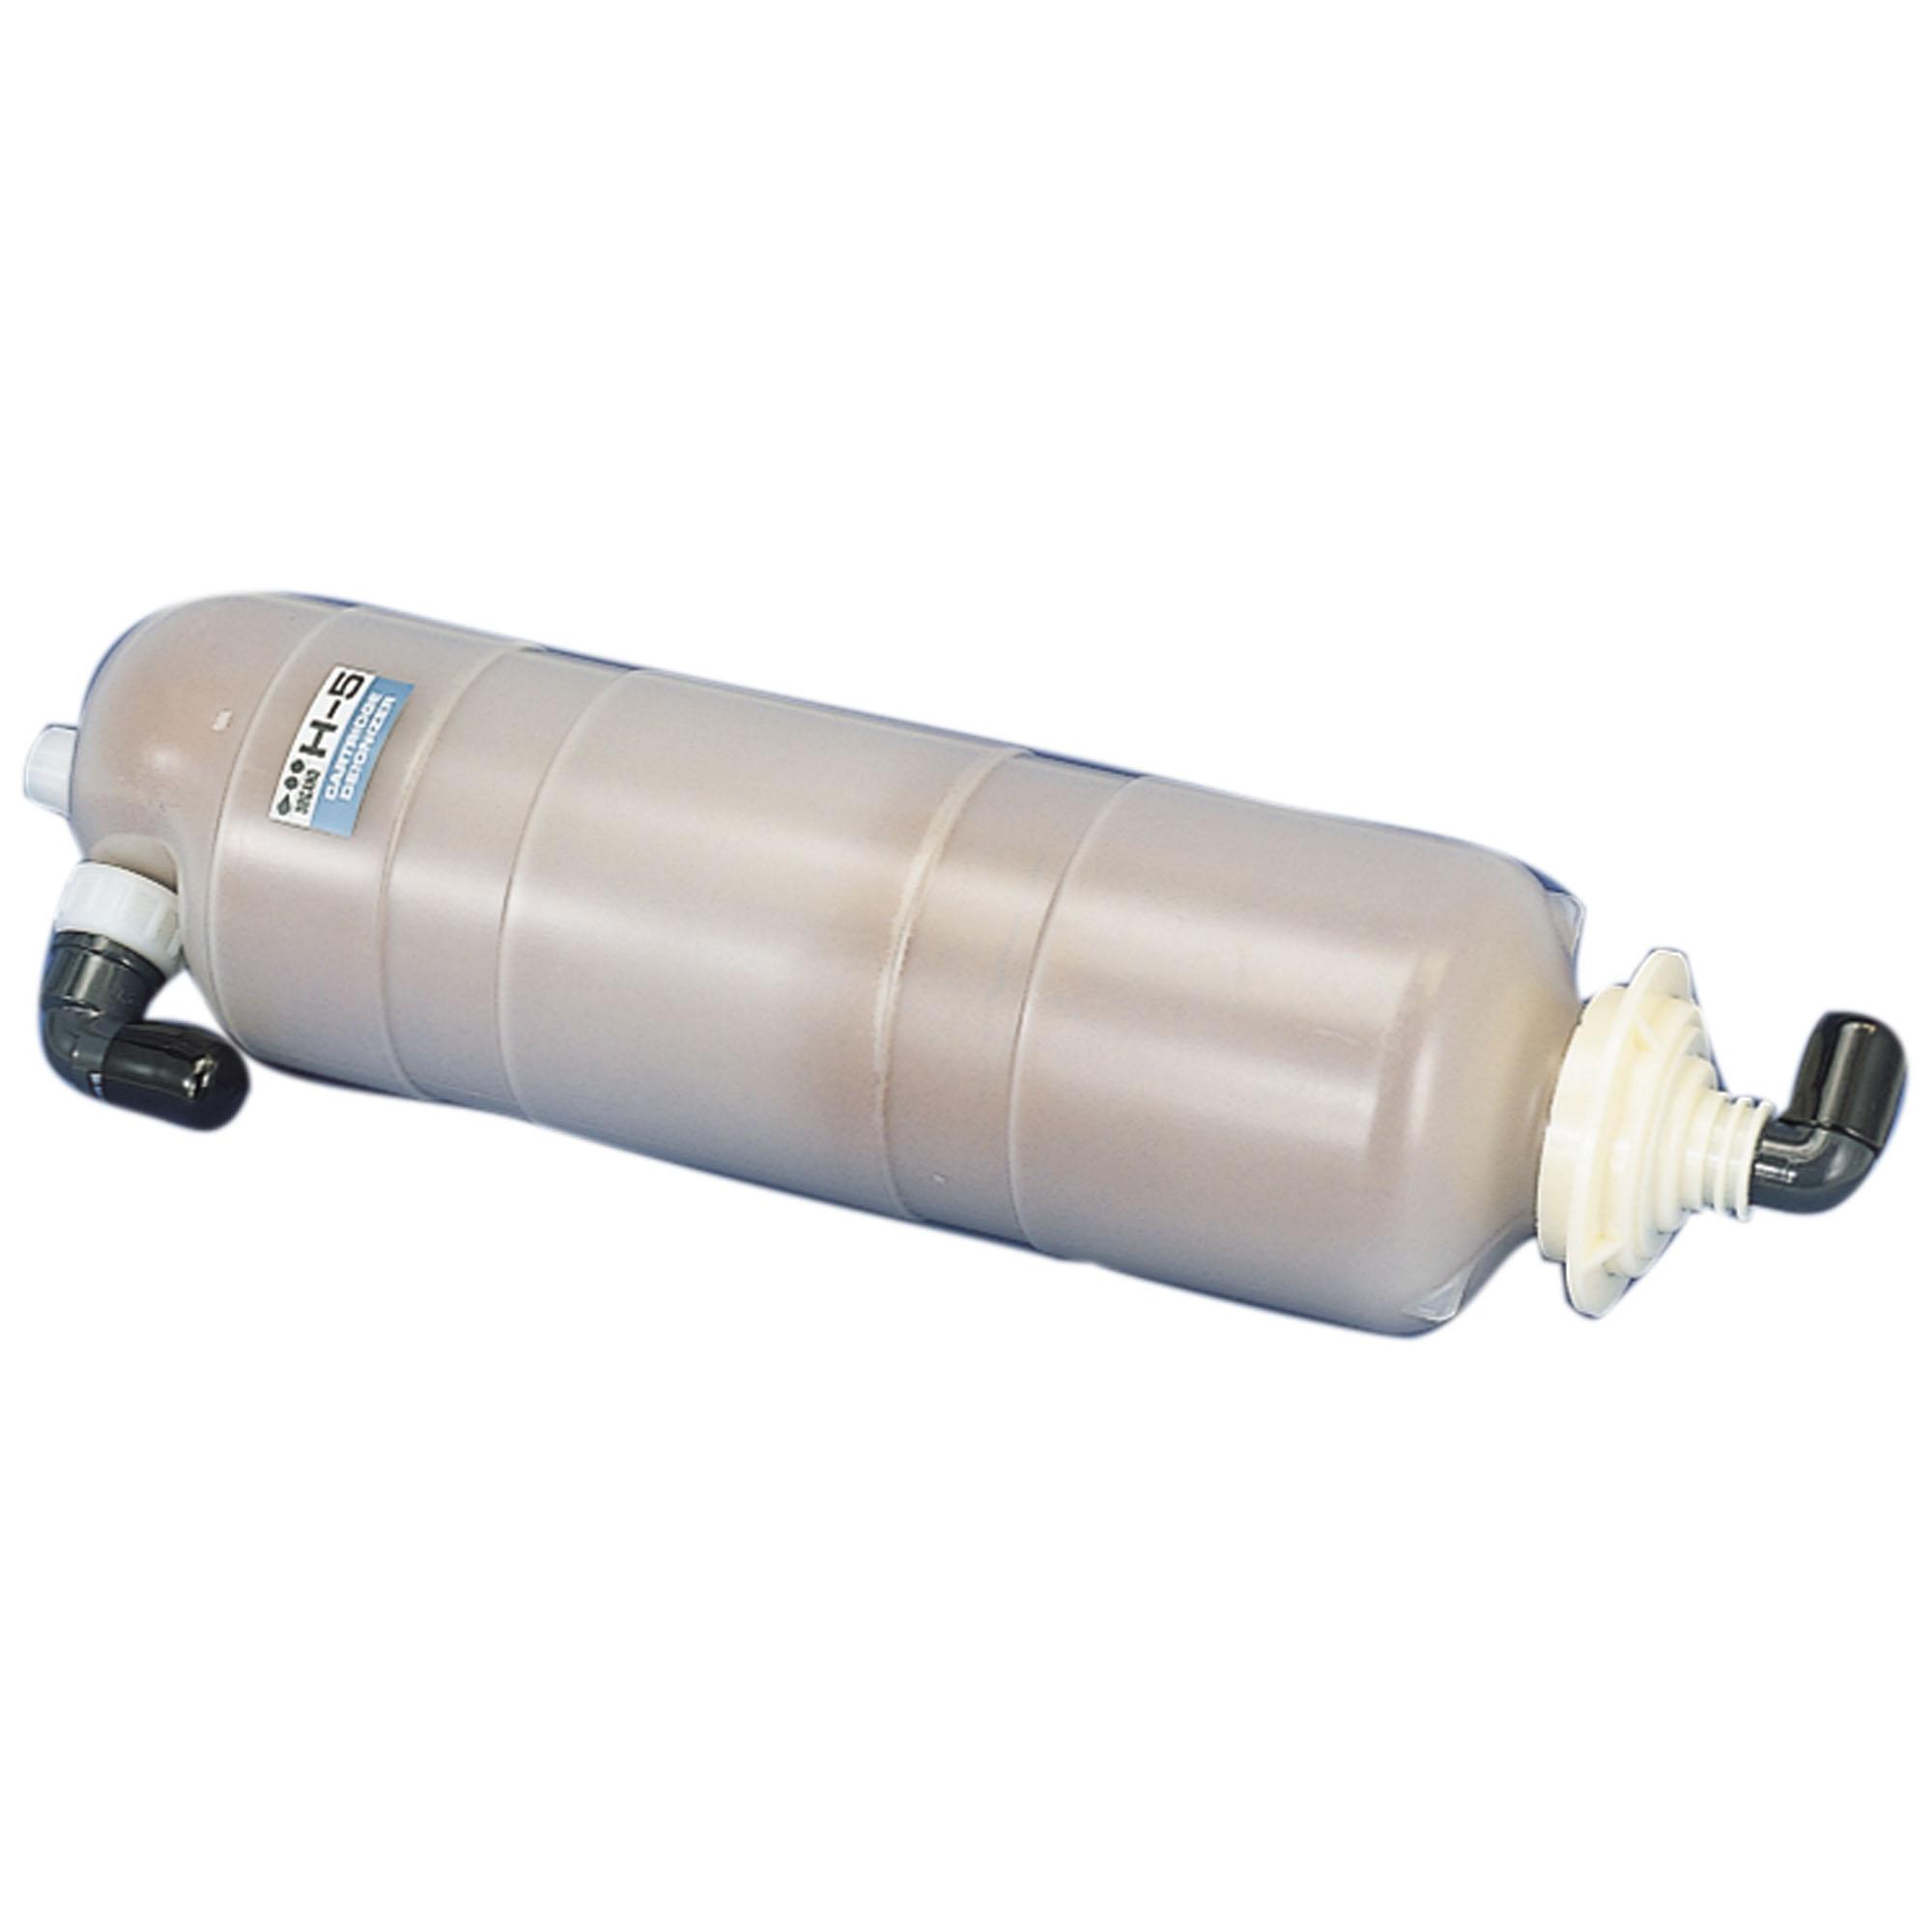 イオン交換樹脂 PP-201用